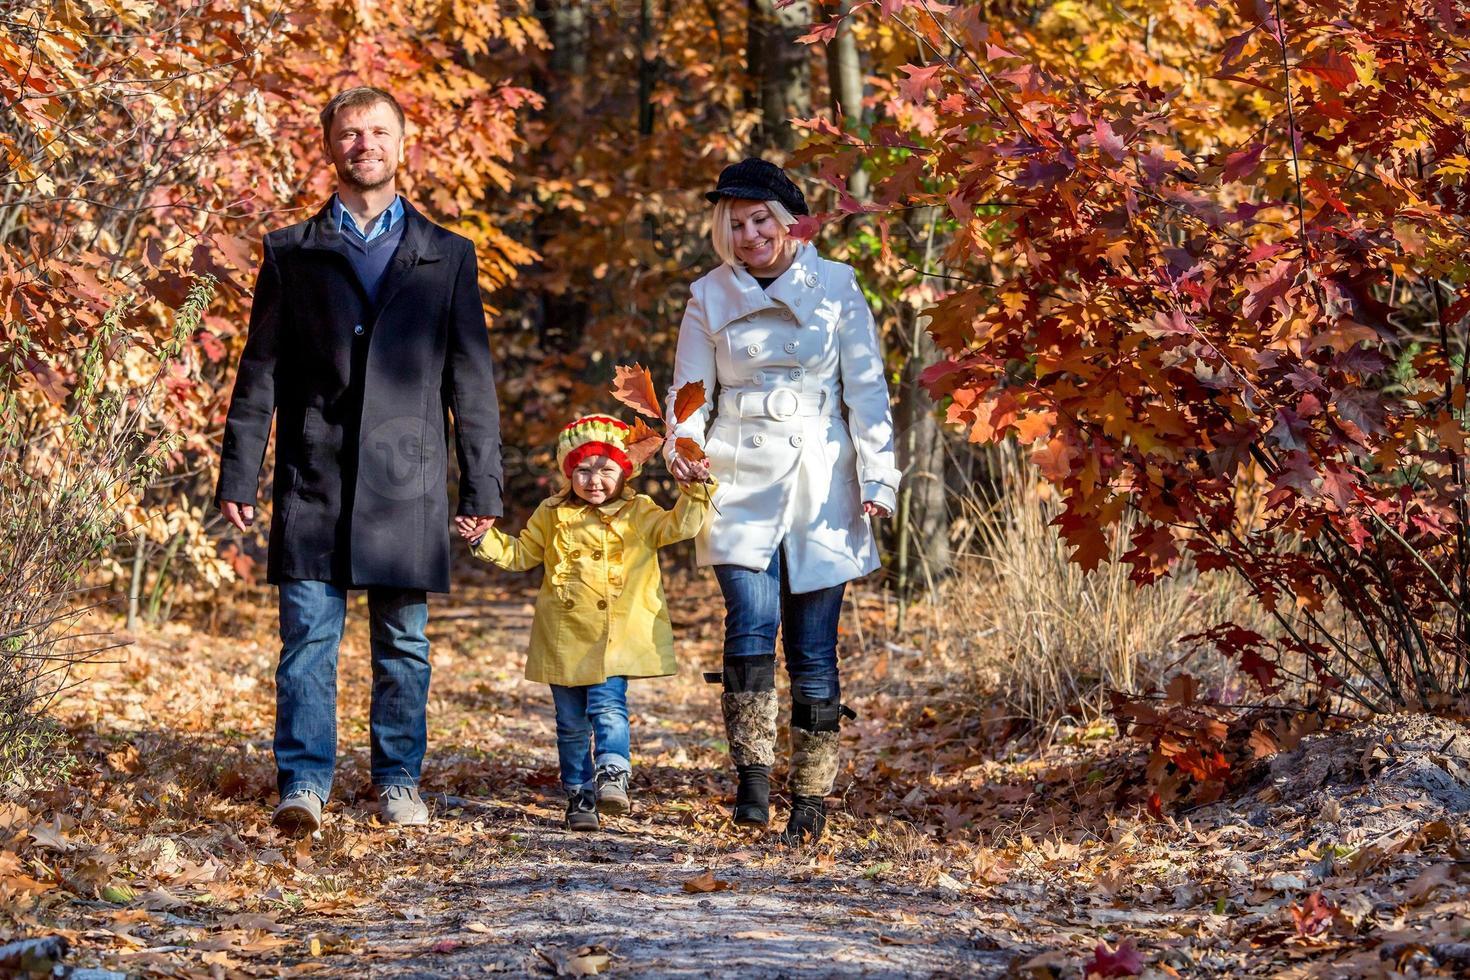 twee generatie familie wandelen in herfst bos vooraanzicht foto